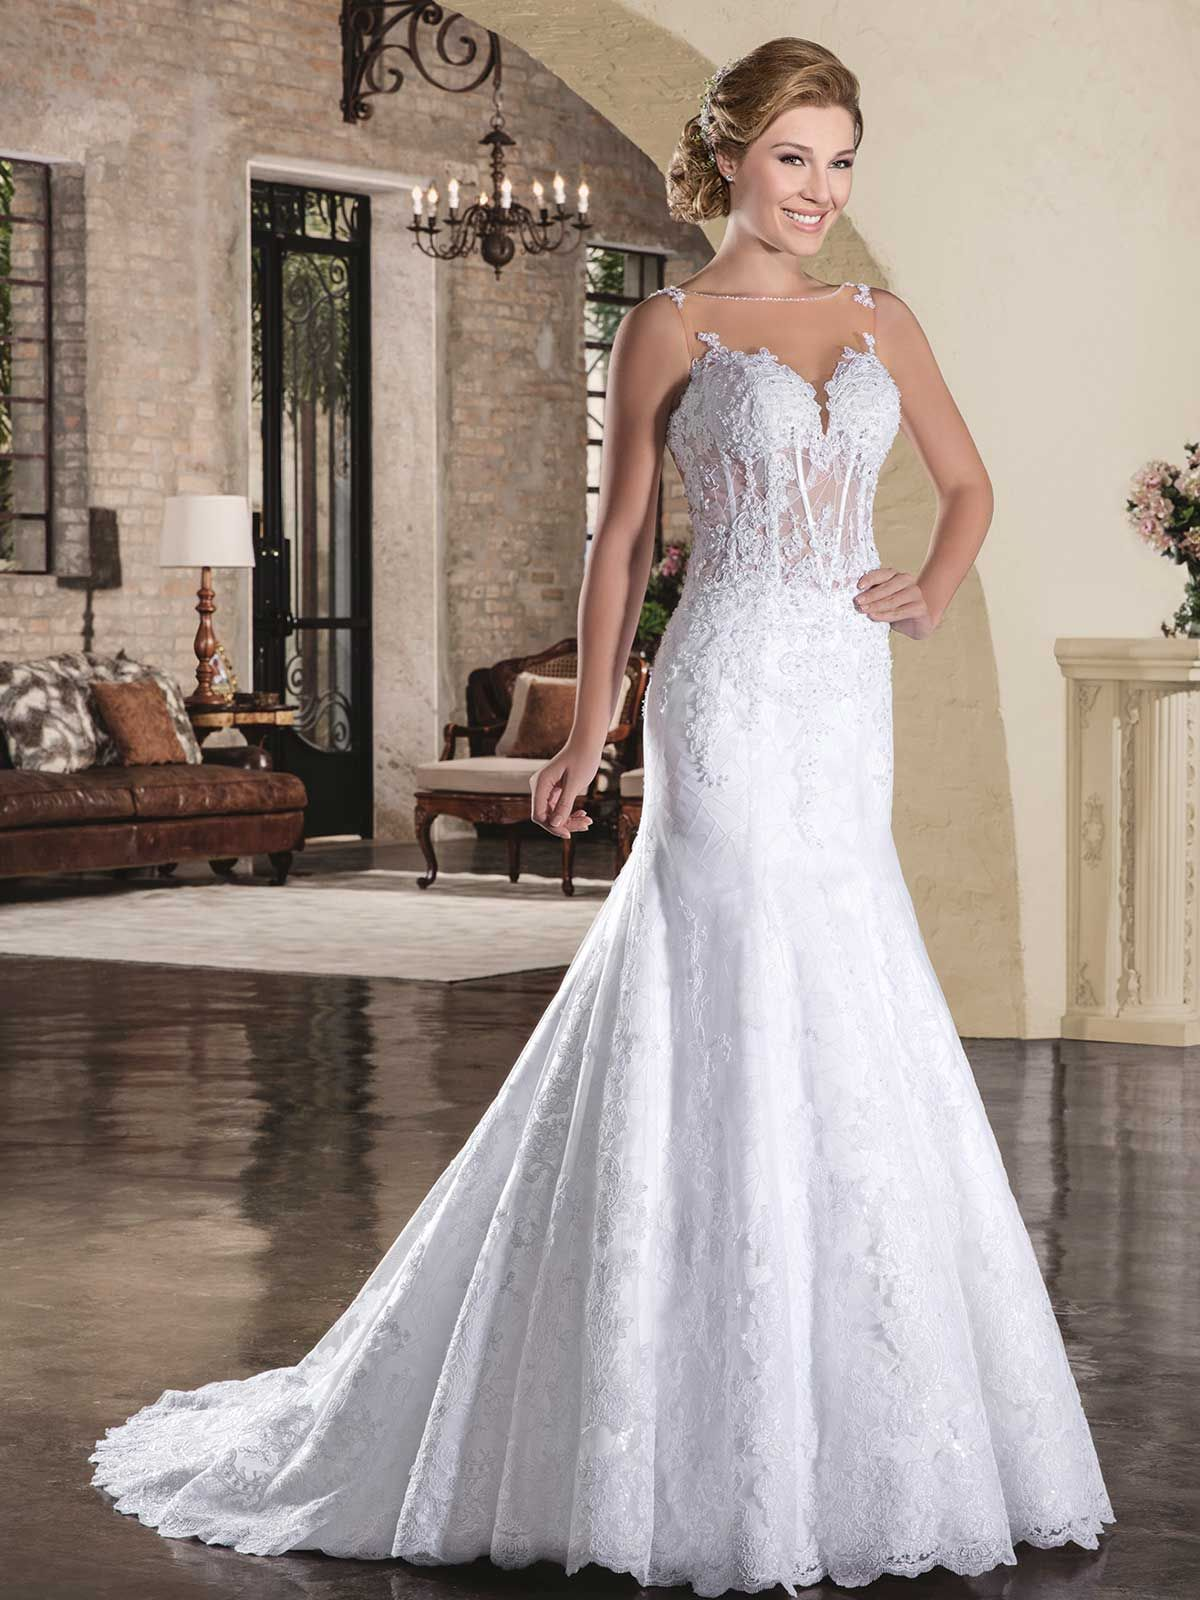 Dallas 20 #vestidosdenoiva #novacoleção #noiva #bride #casamento ...